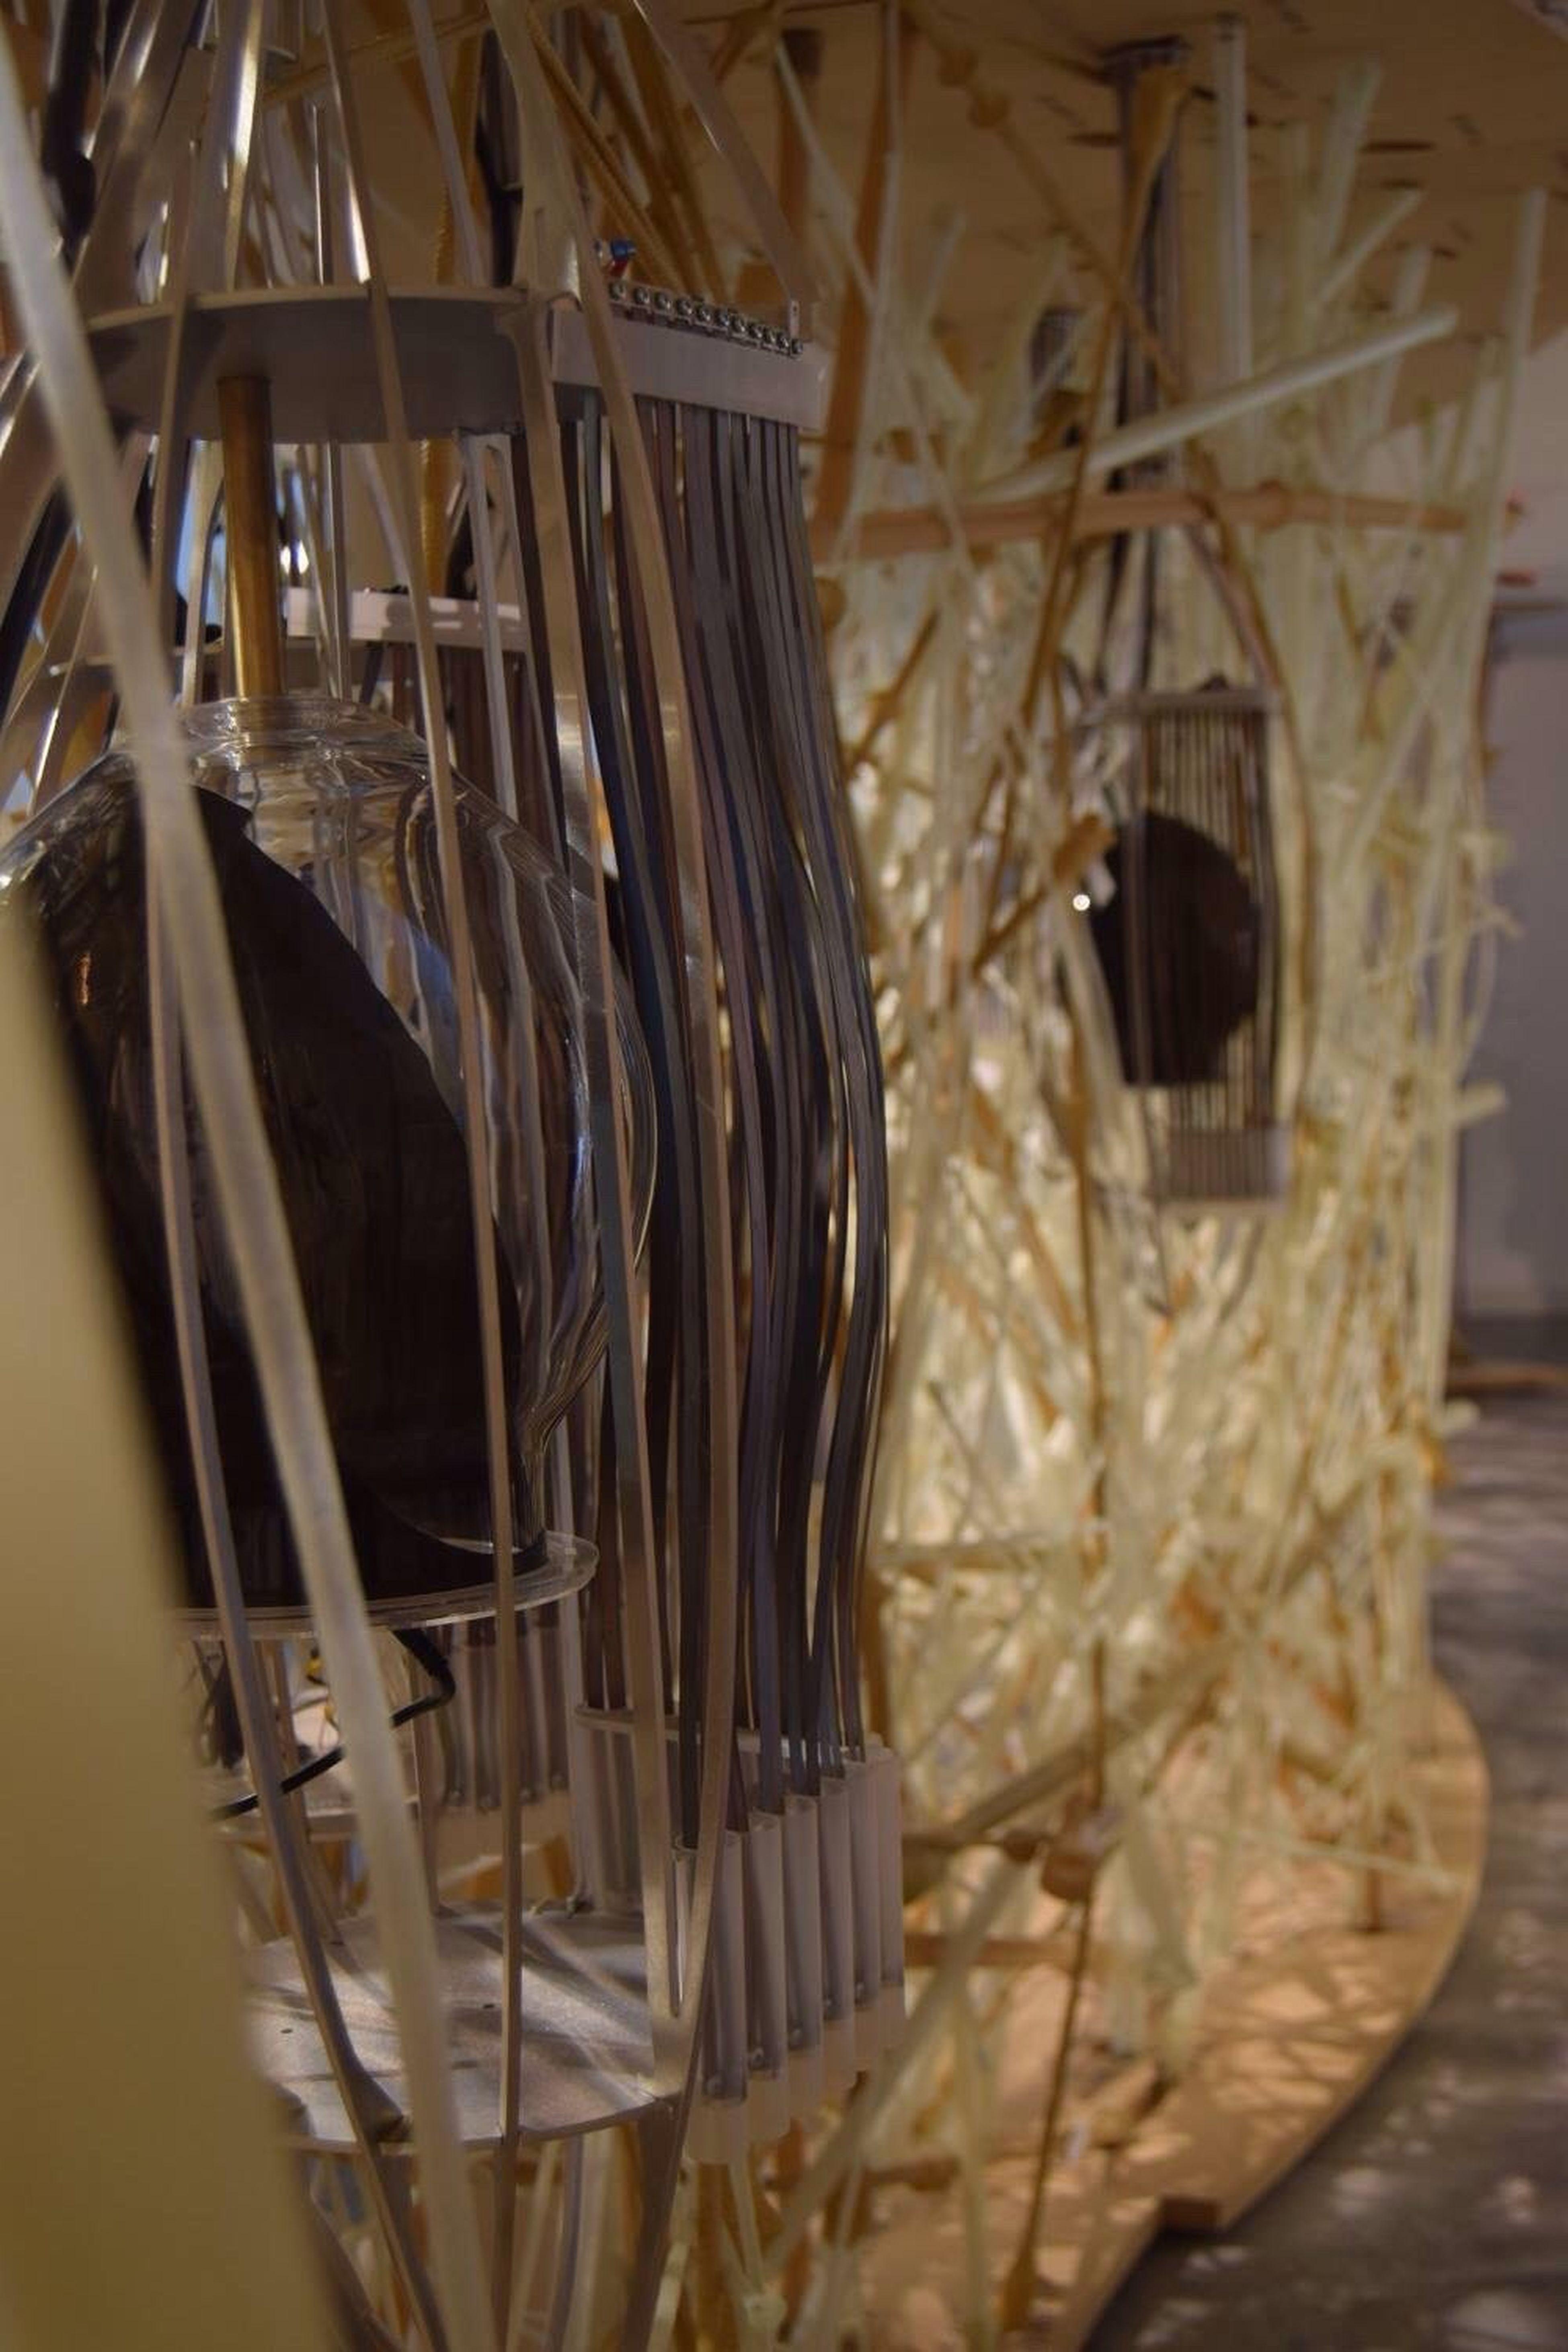 Intrecci_padiglione Giappone_biennale architettura Nikon Nikond3300 No People Materials Indoors  Architecture Design Installation Art Archilovers Architectural Detail Venezia Architecture_collection Designinspiration